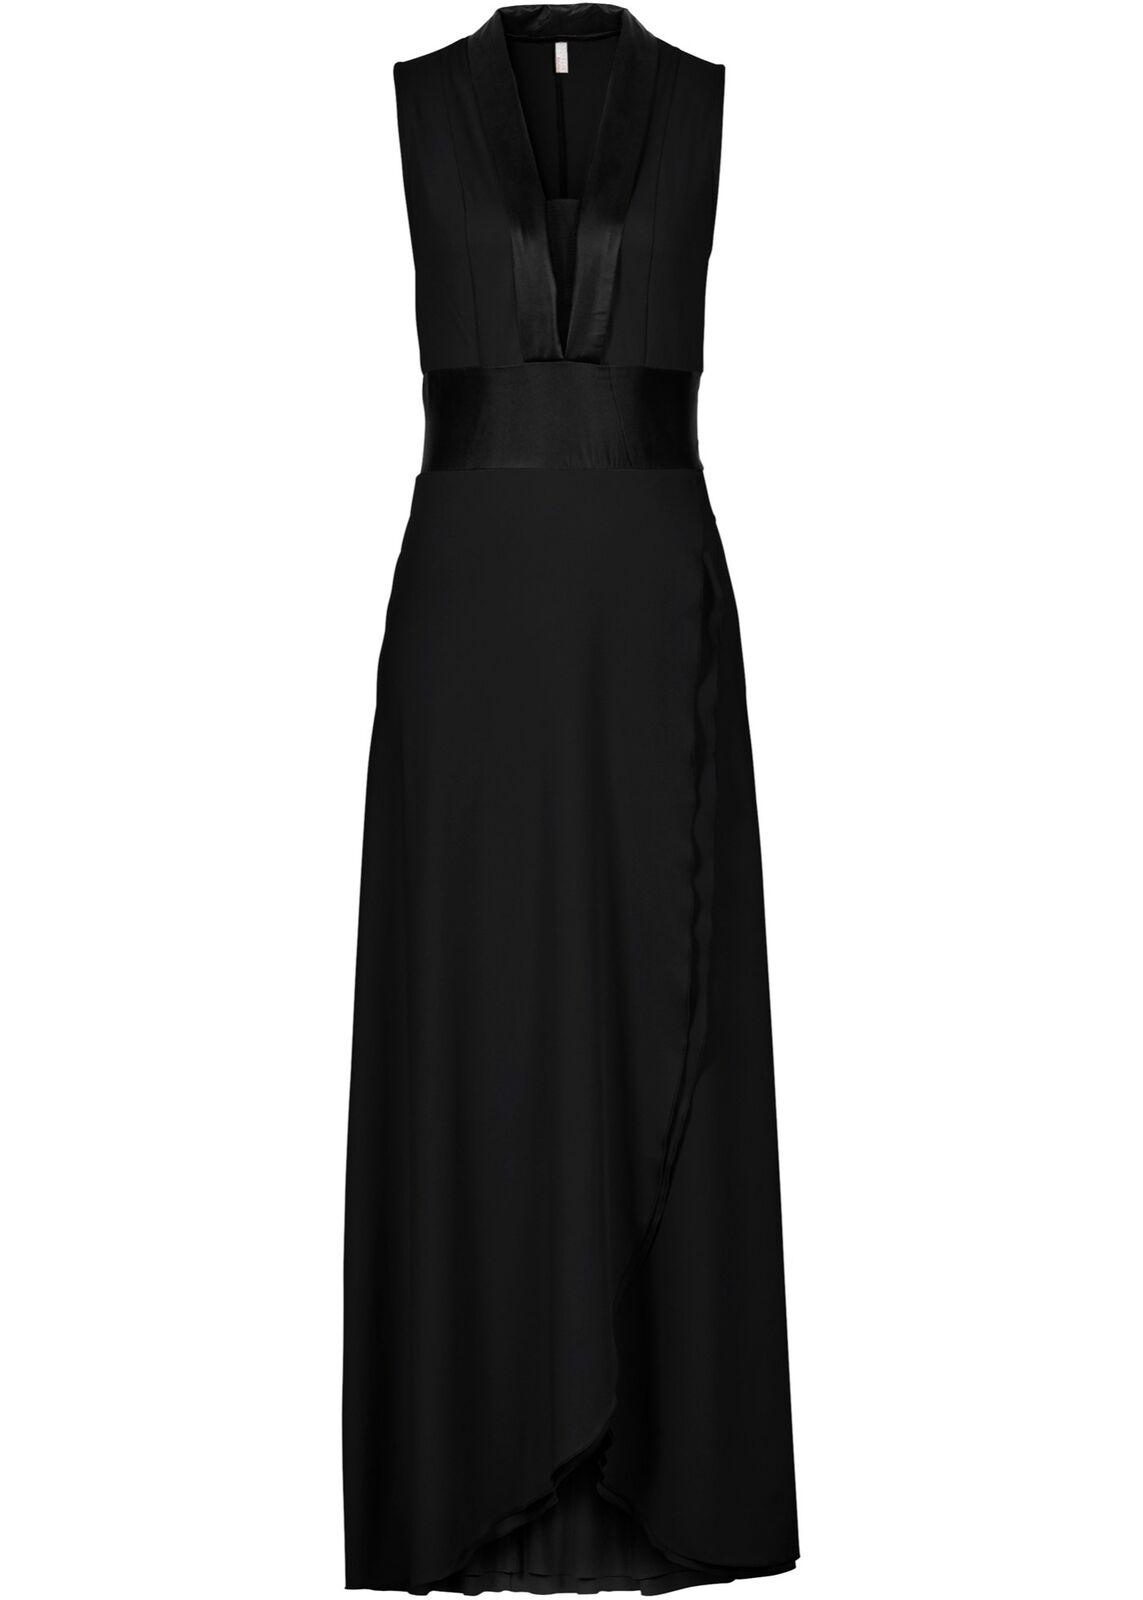 Jersey-Kleid Gr. 38 Dunkelblau Schwarz Maxi-Kleid Abendkleid Cocktailkleid Neu